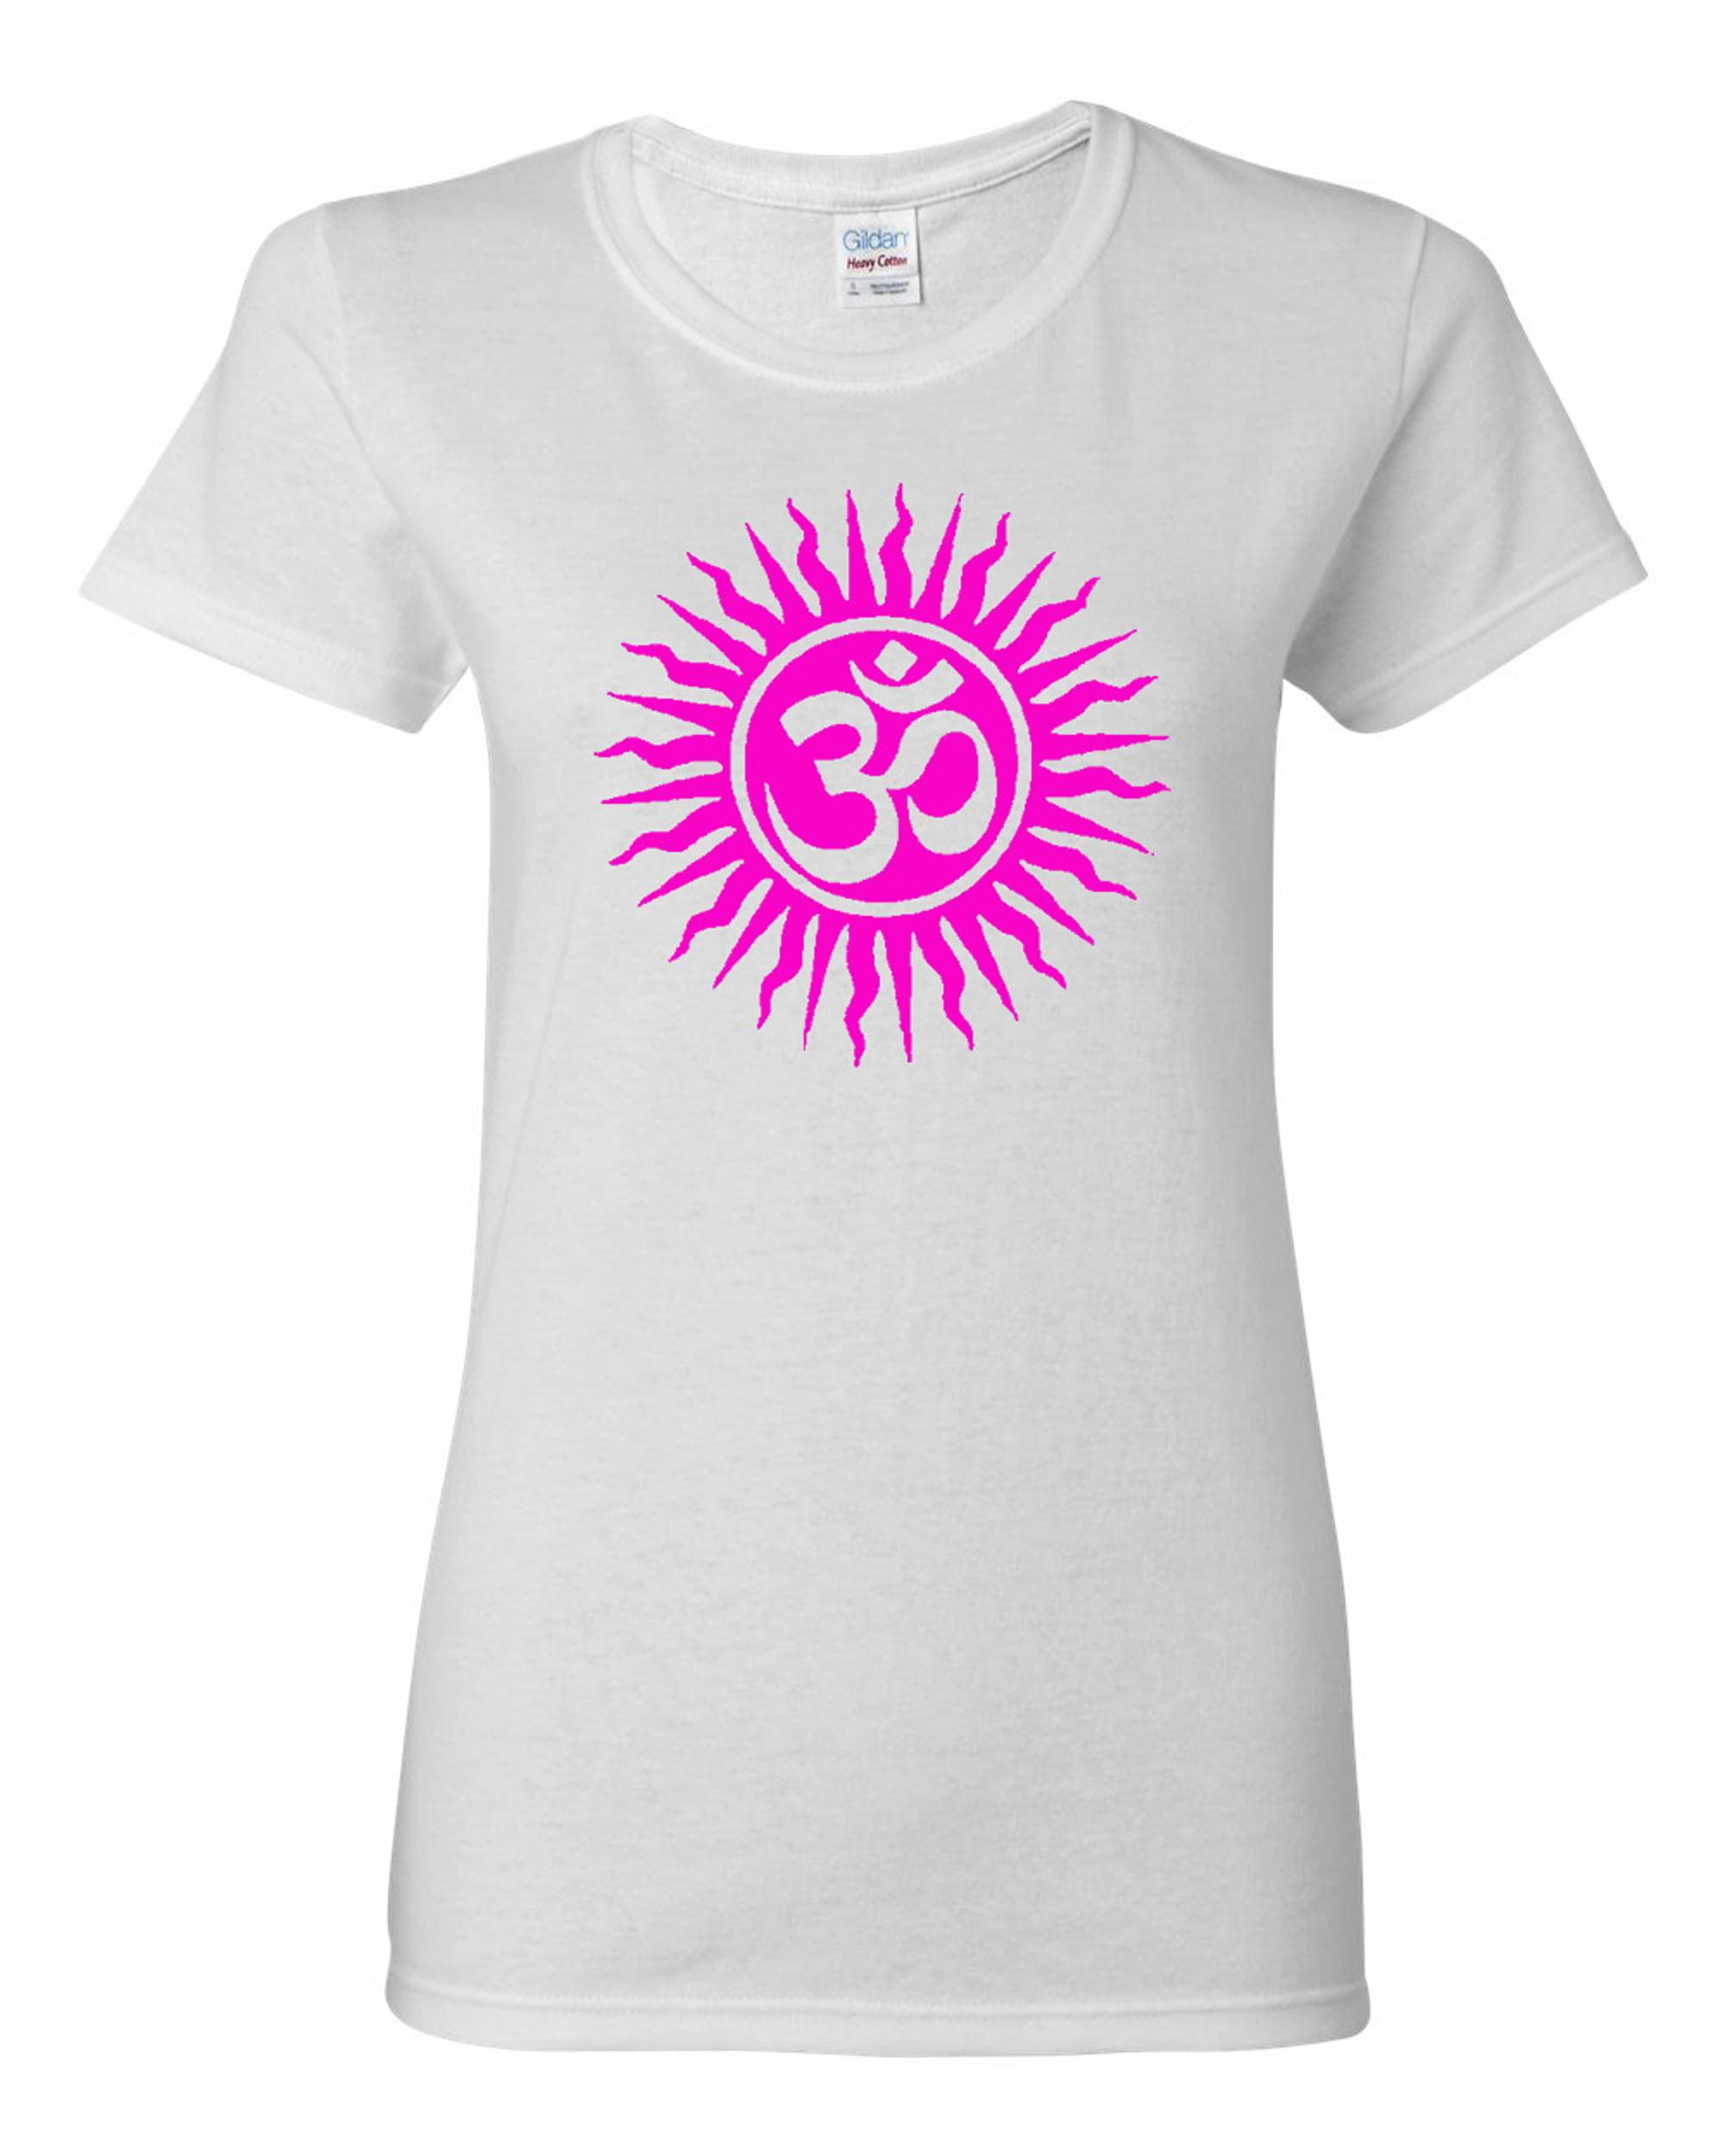 Ladies Om Aum Yoga Hindu Sanksrit T-Shirt Tee